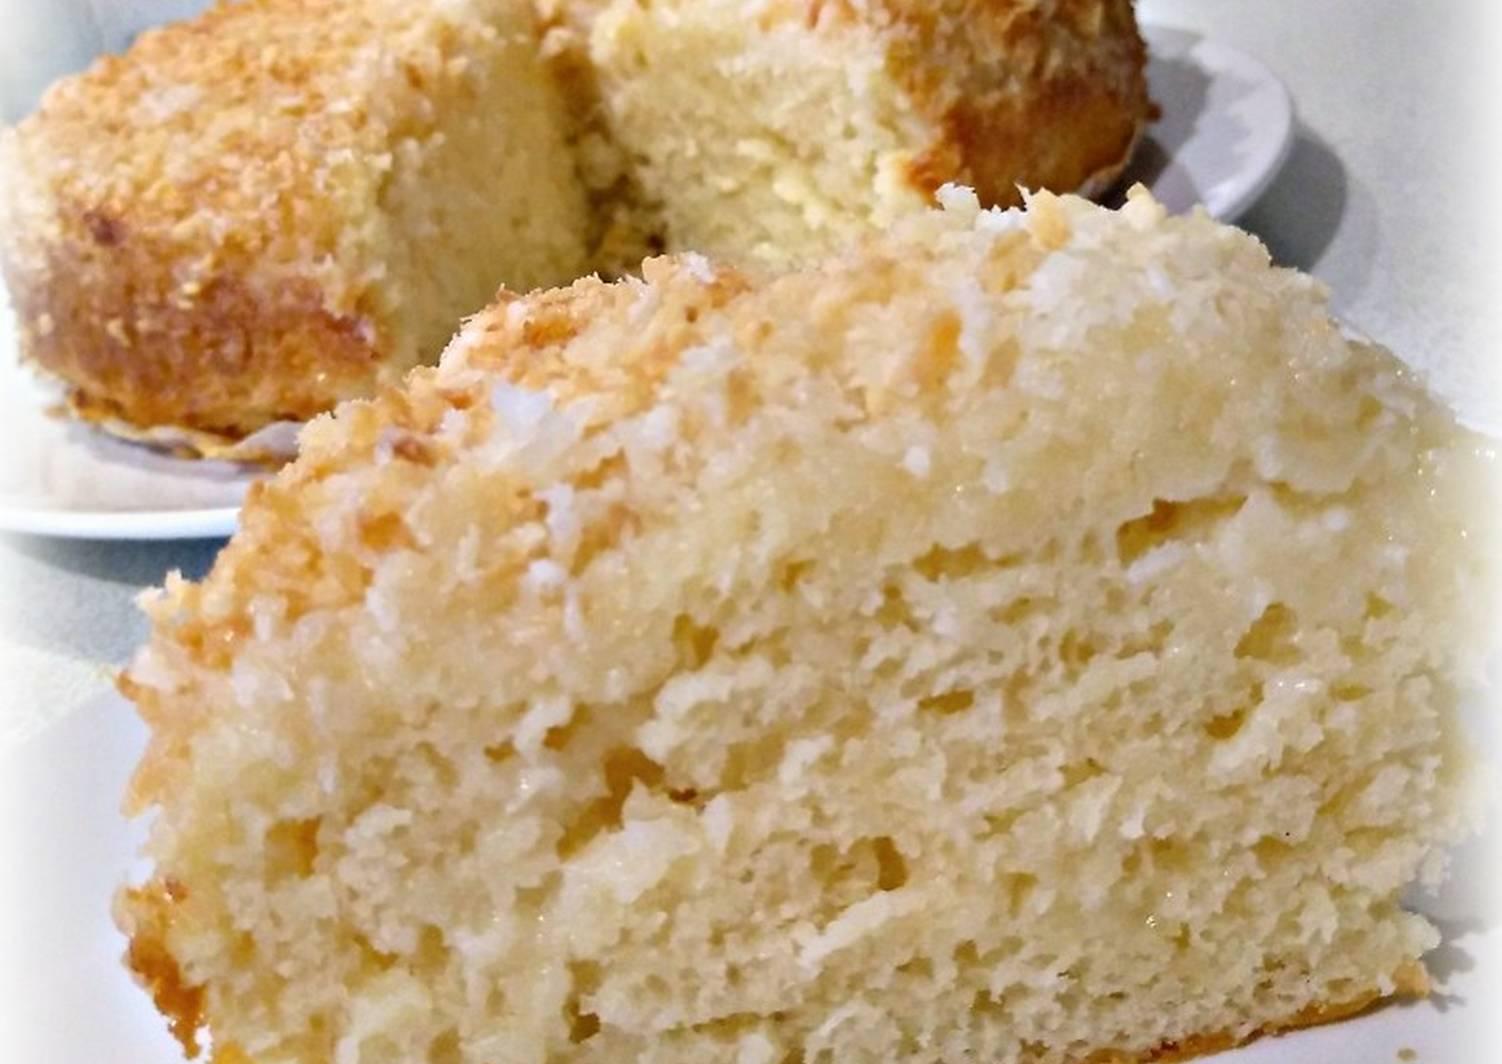 пускай счастье кокосовое пирожное рецепт с фото вот